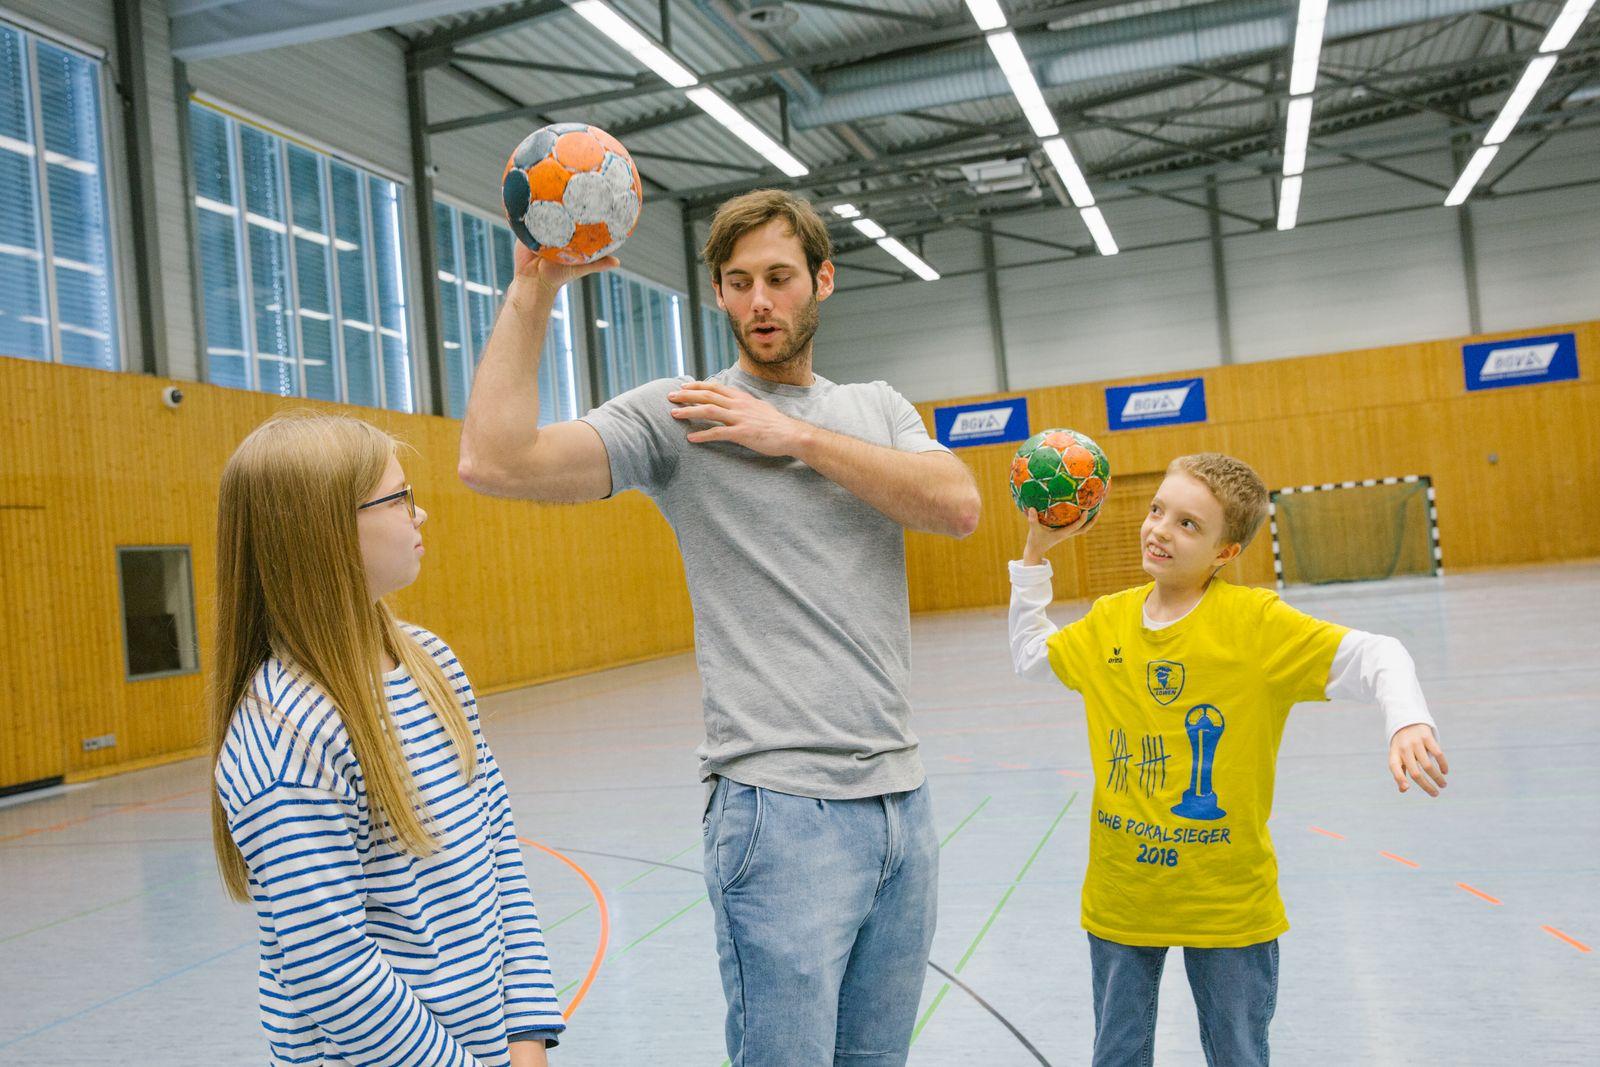 Kinderinterview mit Uwe Gensheimer für DEIN SPIEGEL